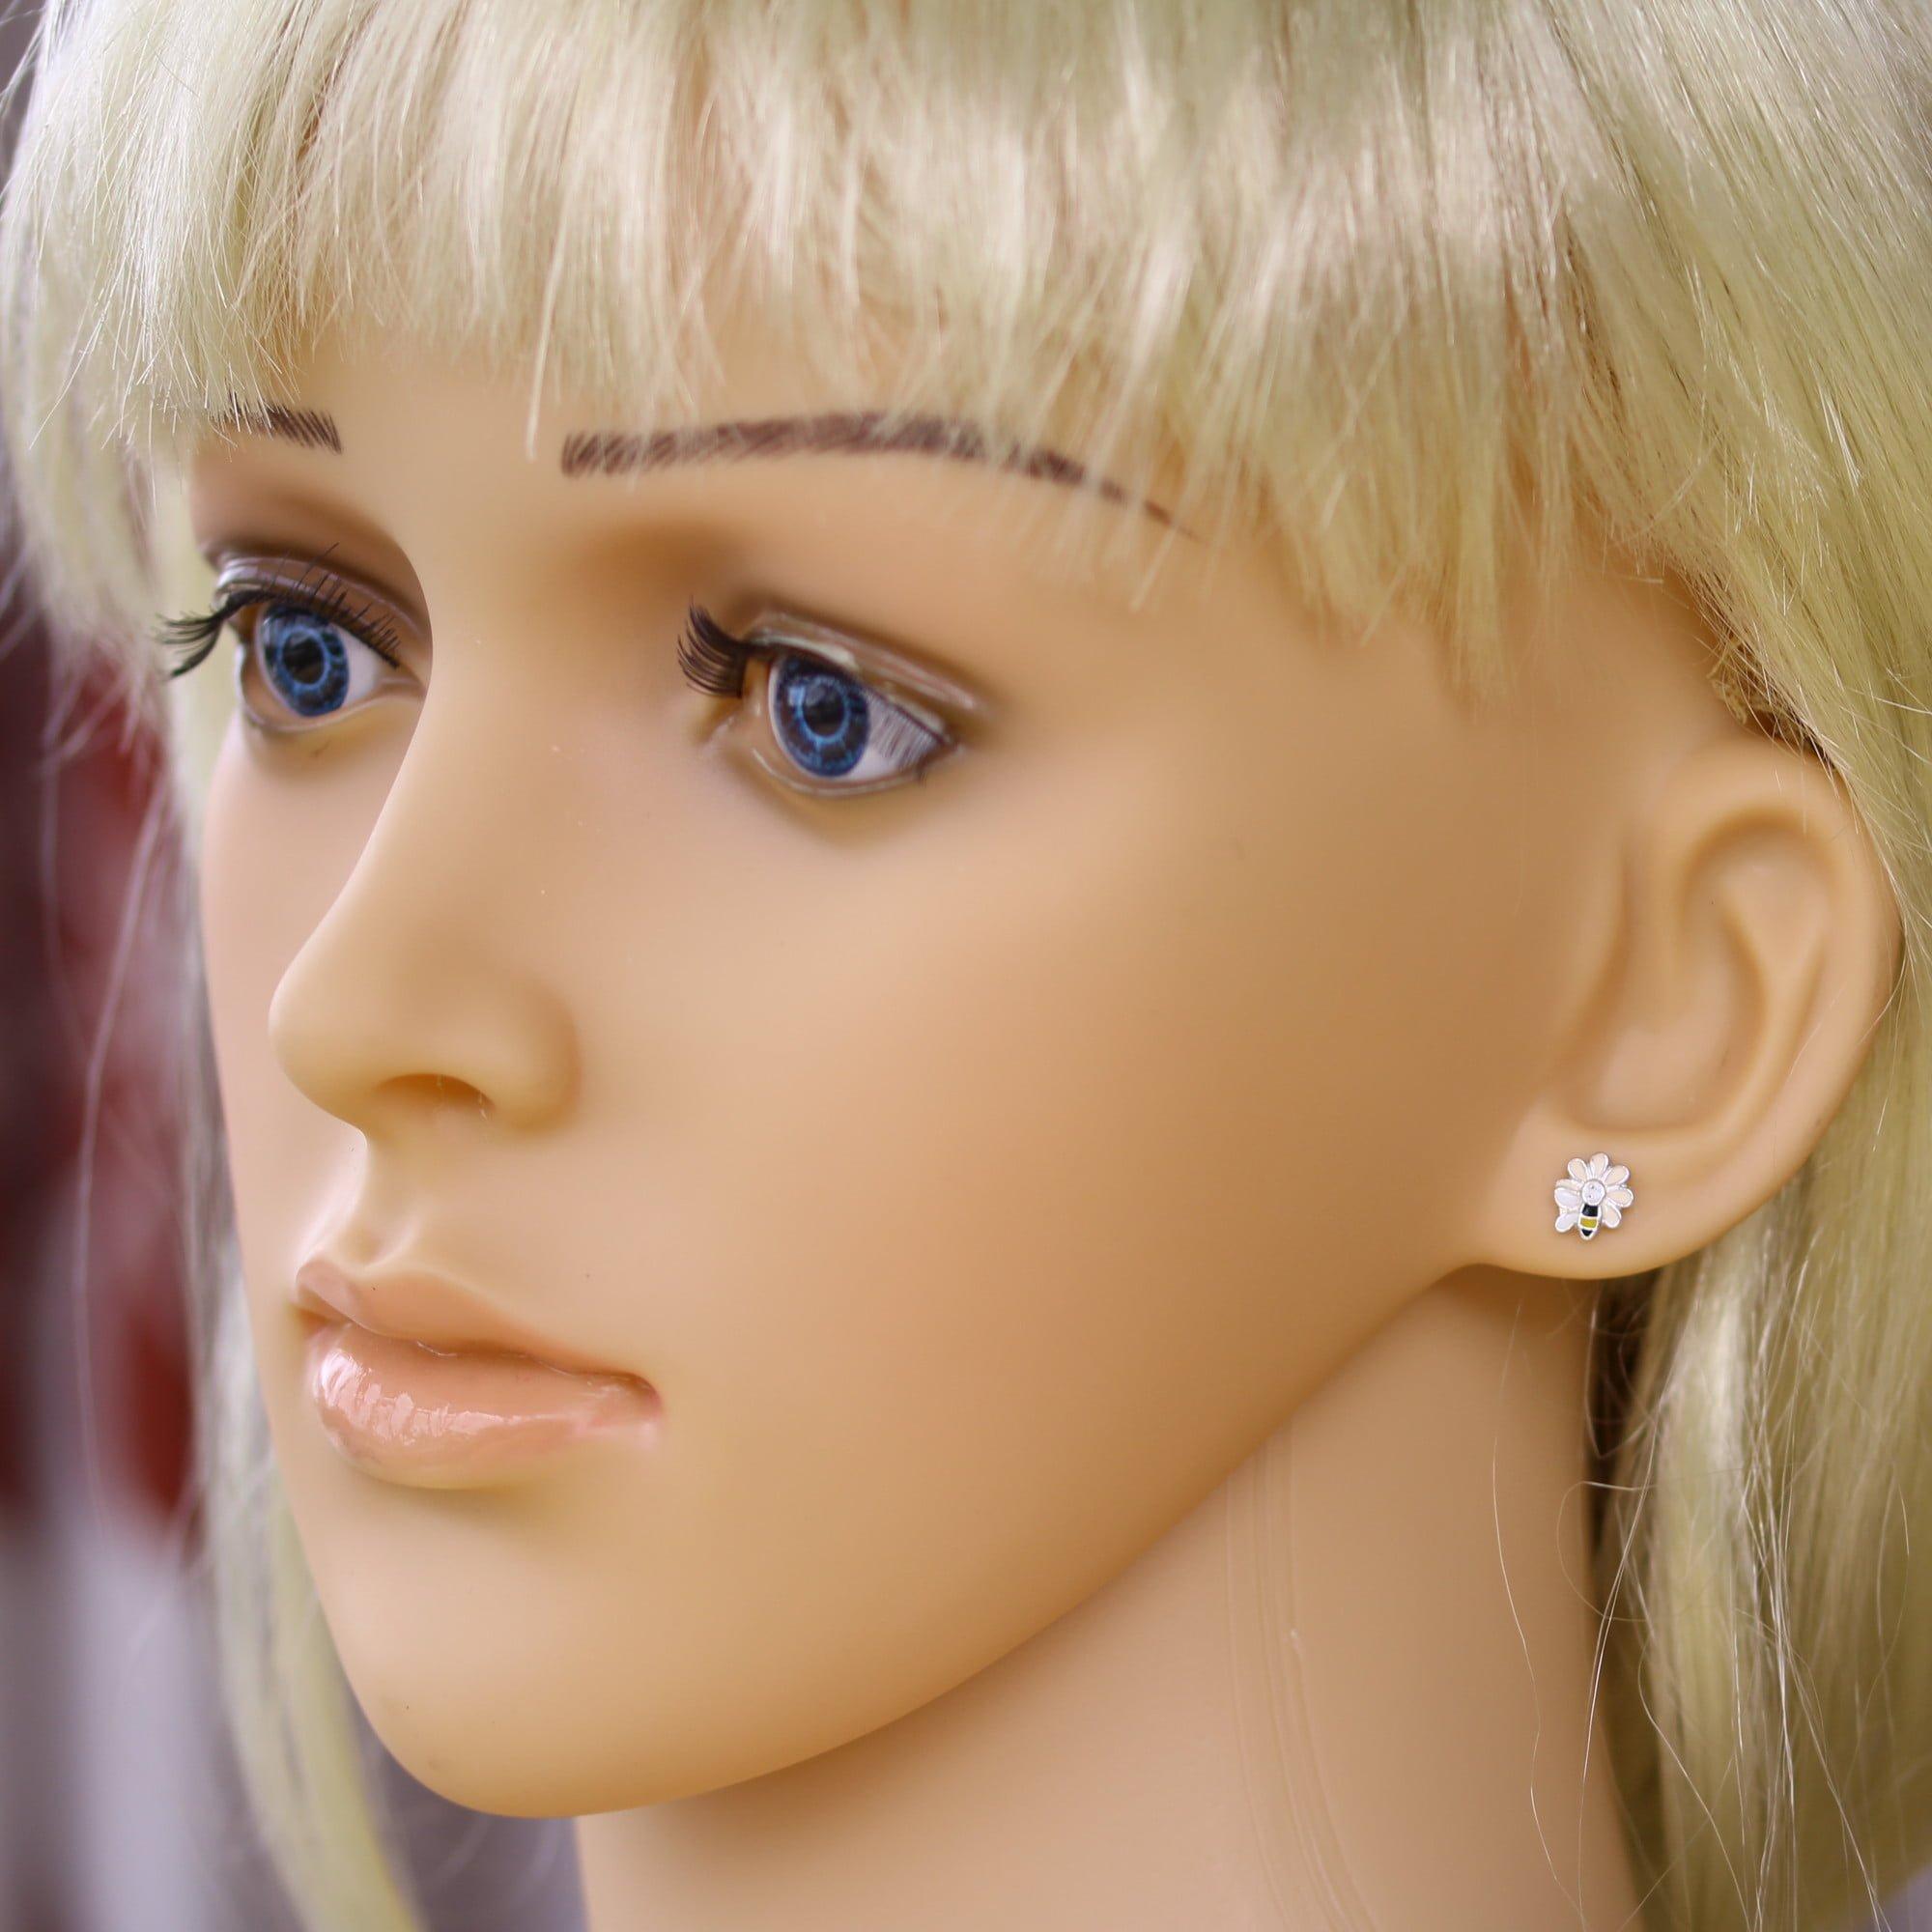 Girls bee and flower earrings in silver model